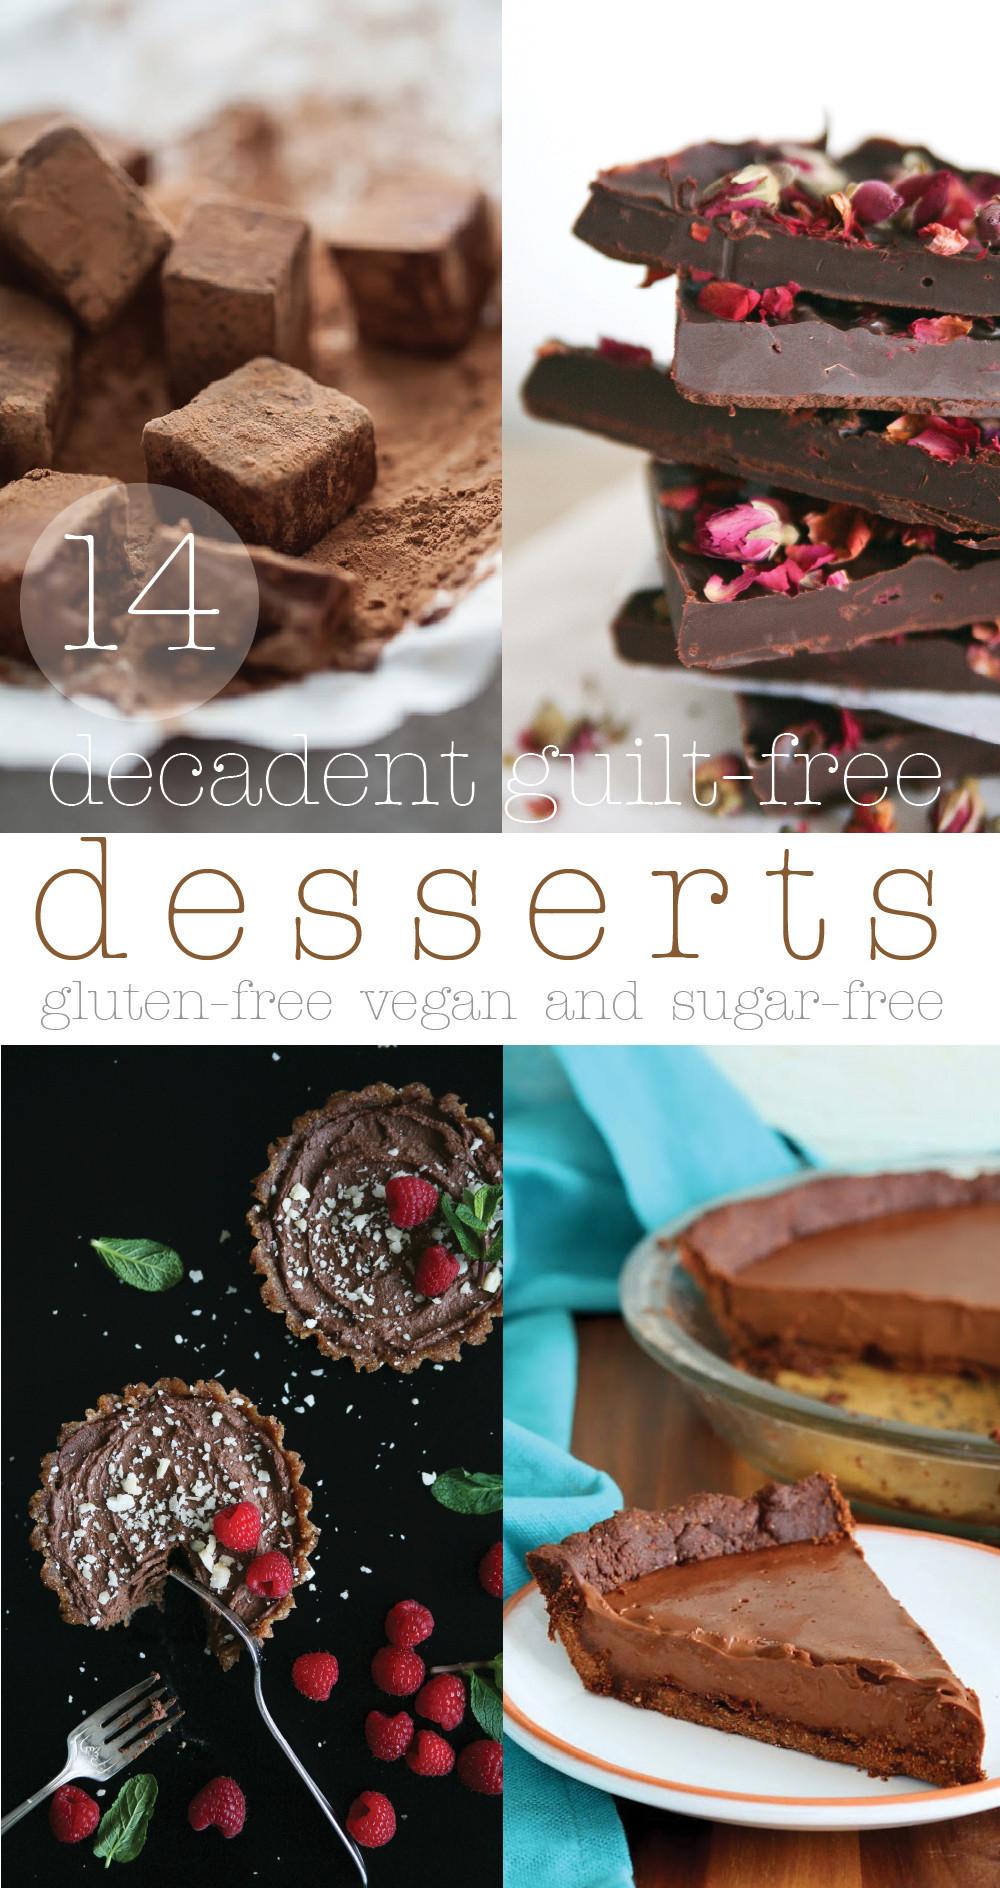 Sugar Free Gluten Free Dessert  14 Decadent Guilt free sugar free Desserts Pure Ella